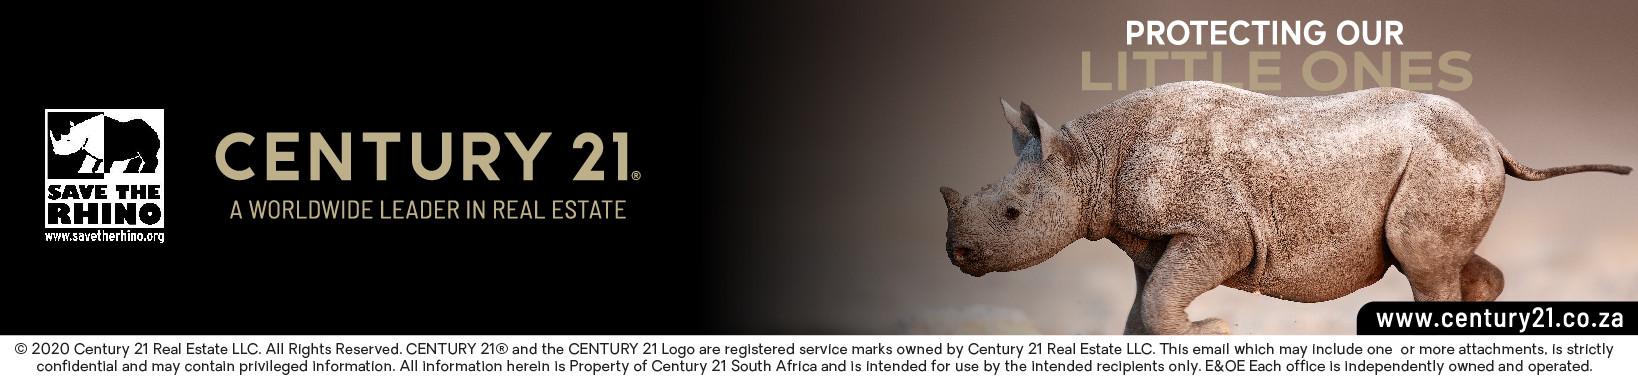 01_Email_Signature_Rhino-02.jpg